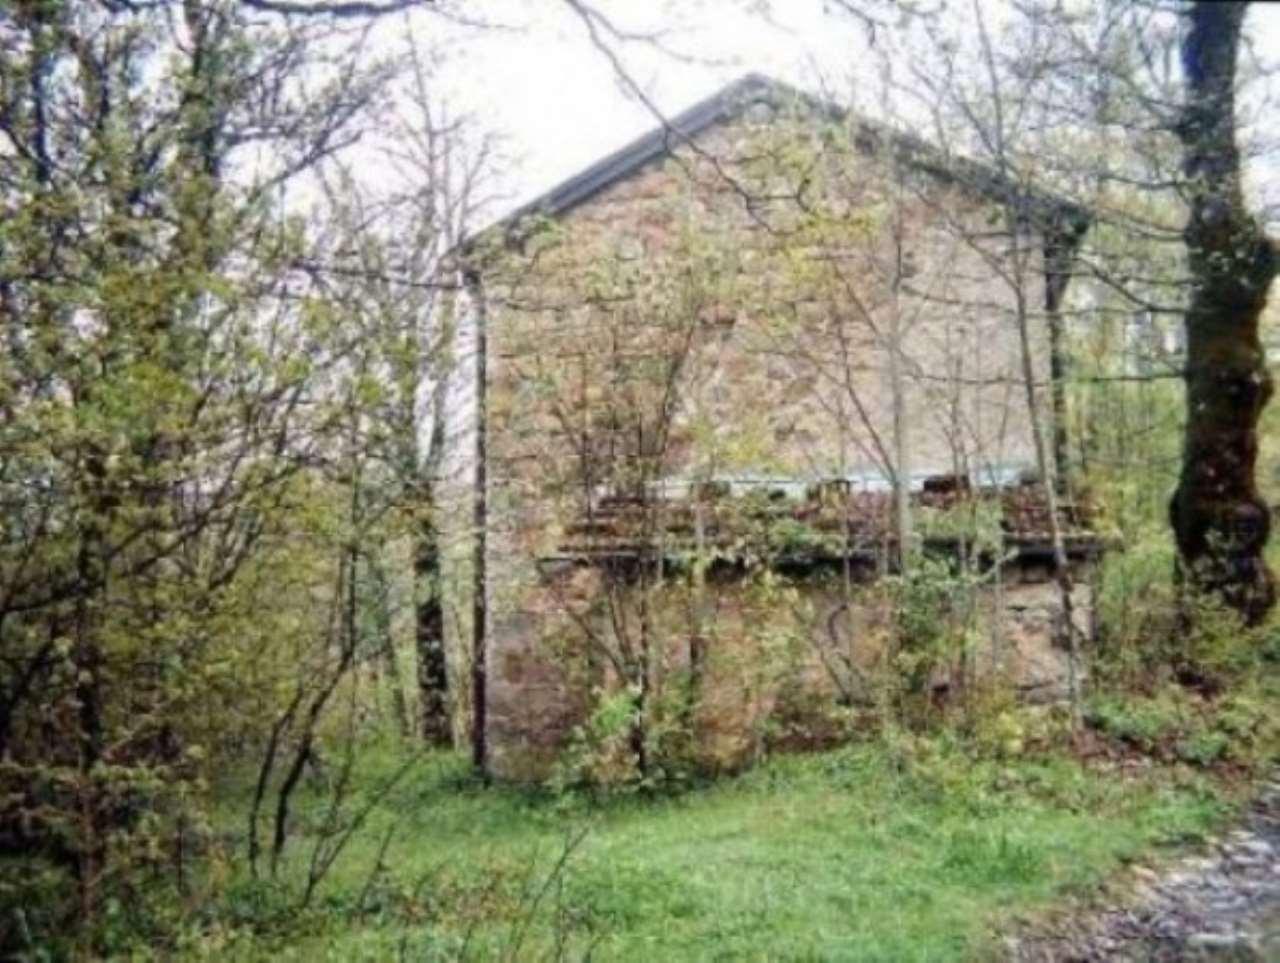 Rustico / Casale in vendita a Villa Minozzo, 6 locali, prezzo € 55.000 | Cambio Casa.it